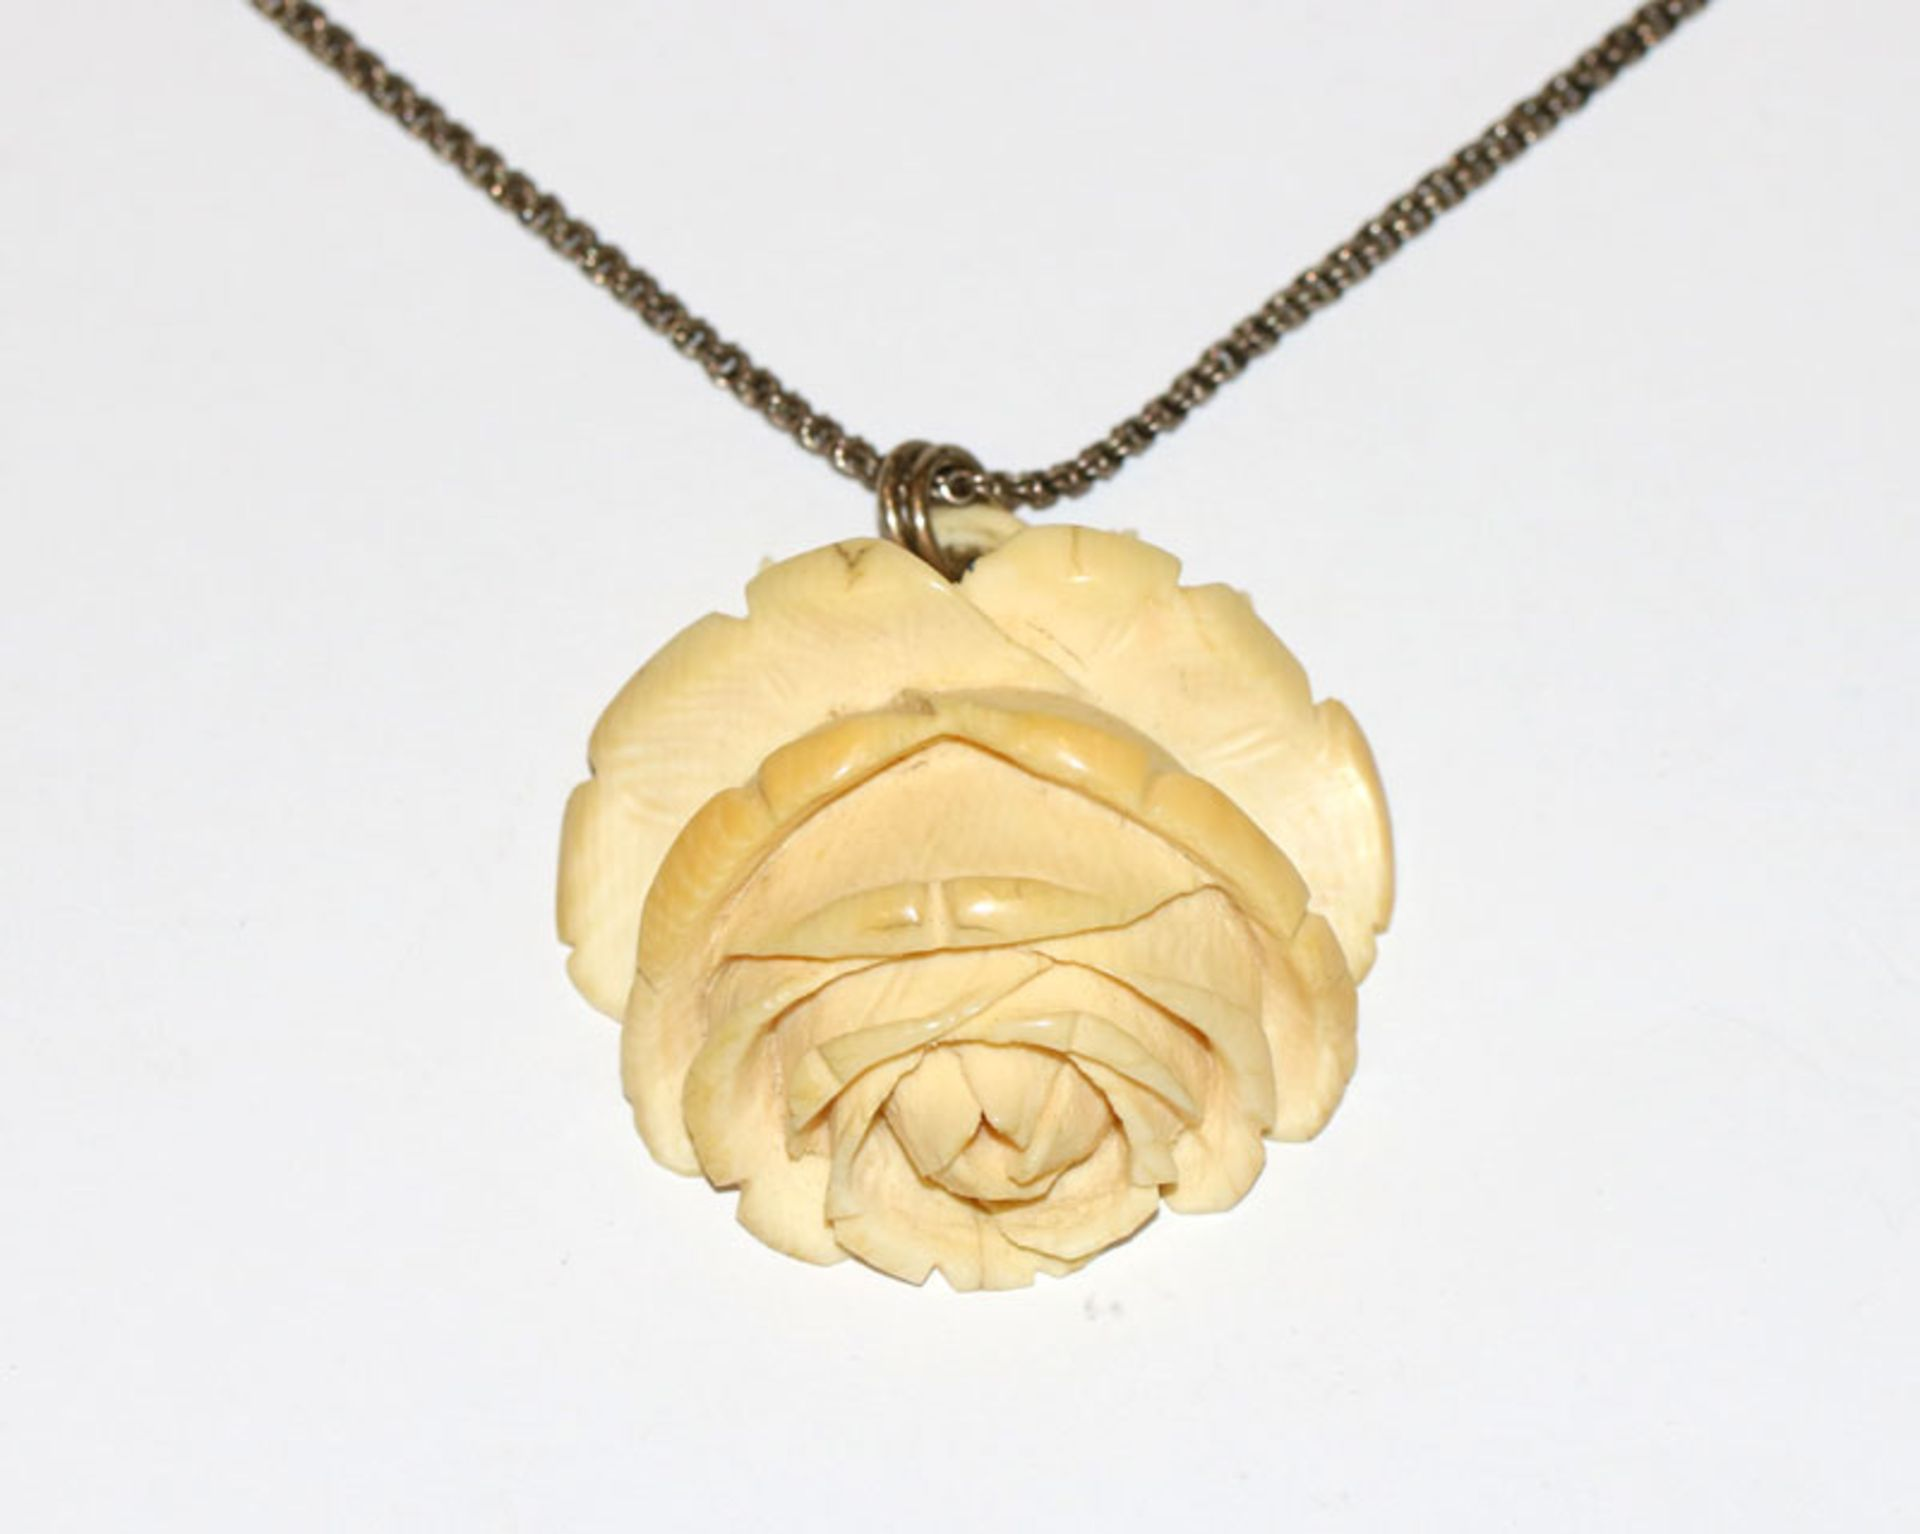 Elfenbein Anhänger 'Rose', 5,5 cm x 5,3 cm, an Silberkette, L 44 cm